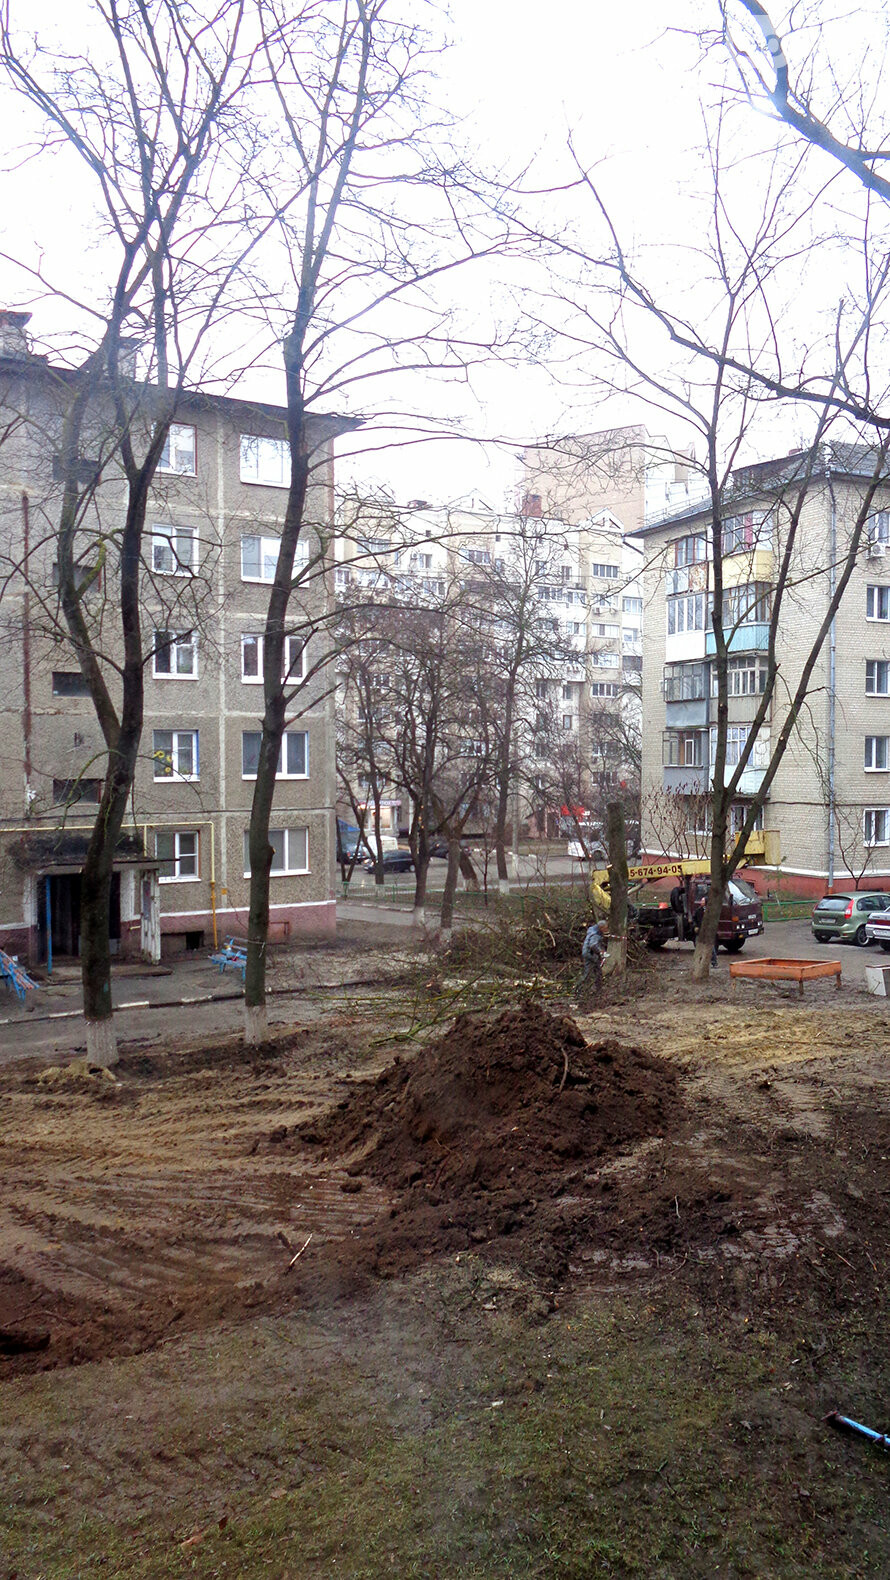 Жители Белгорода возмущены вырубкой деревьев во дворе многоэтажки, фото-3